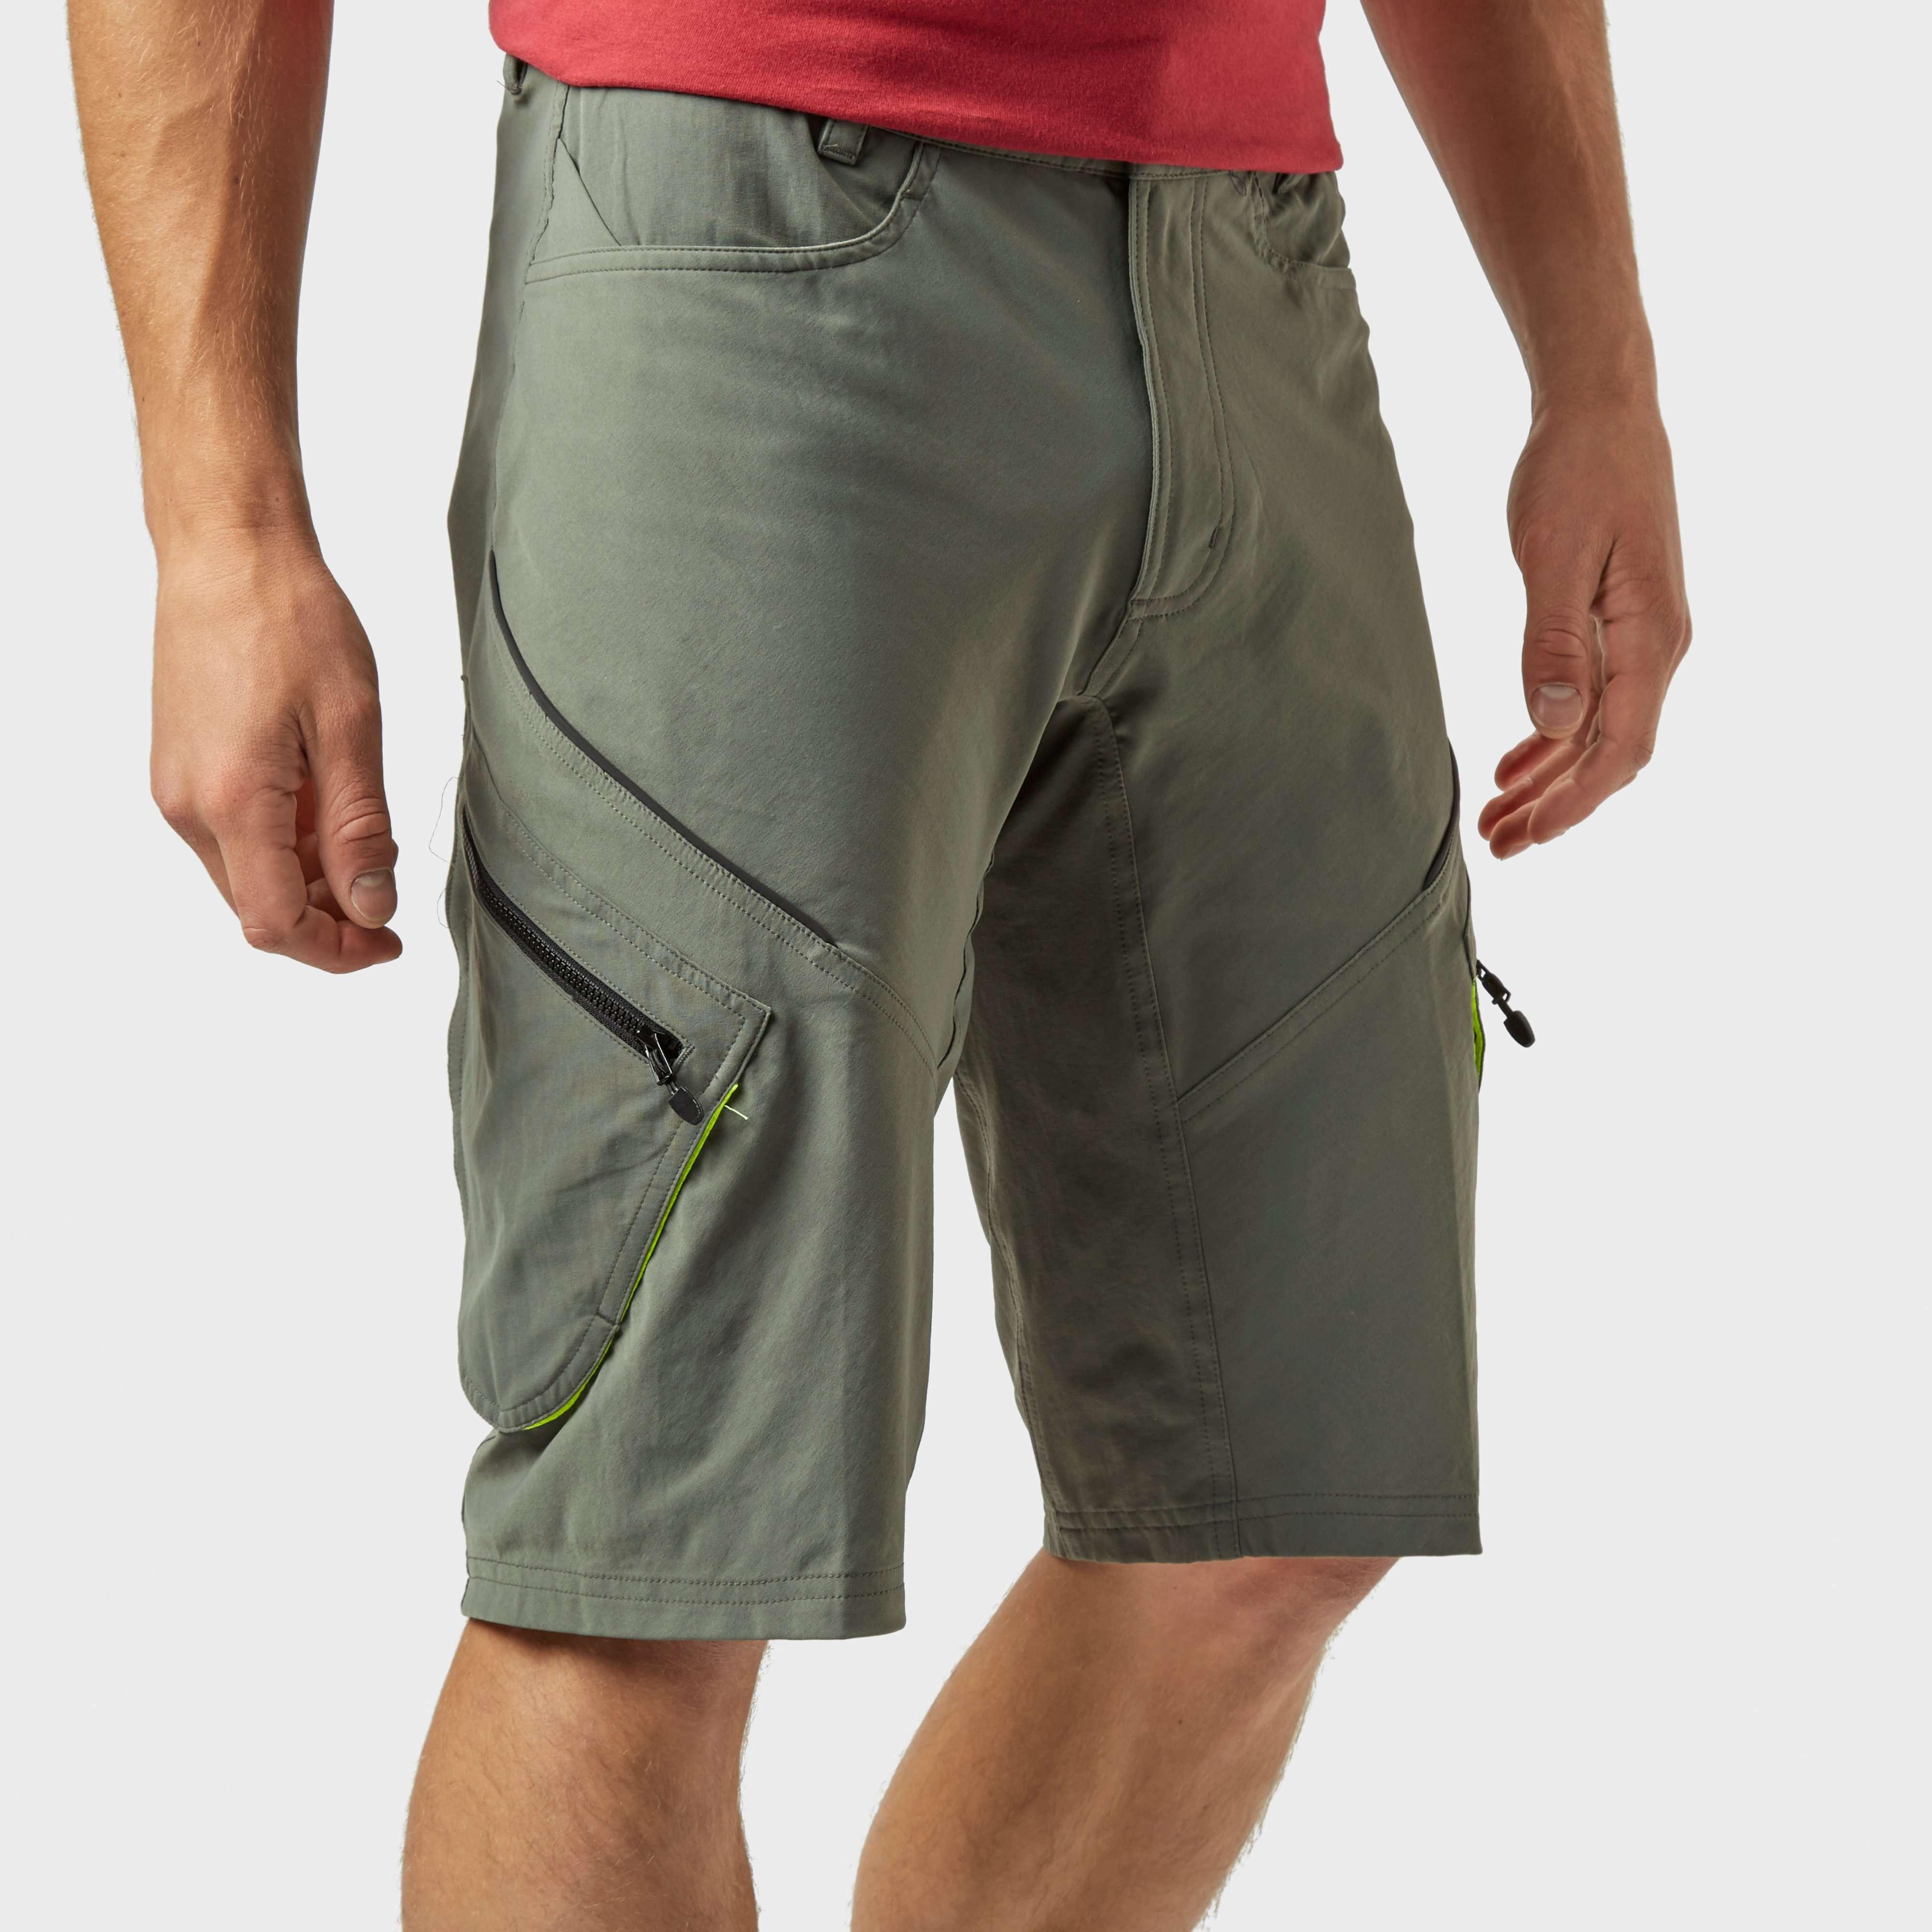 GORE Men's Element Shorts